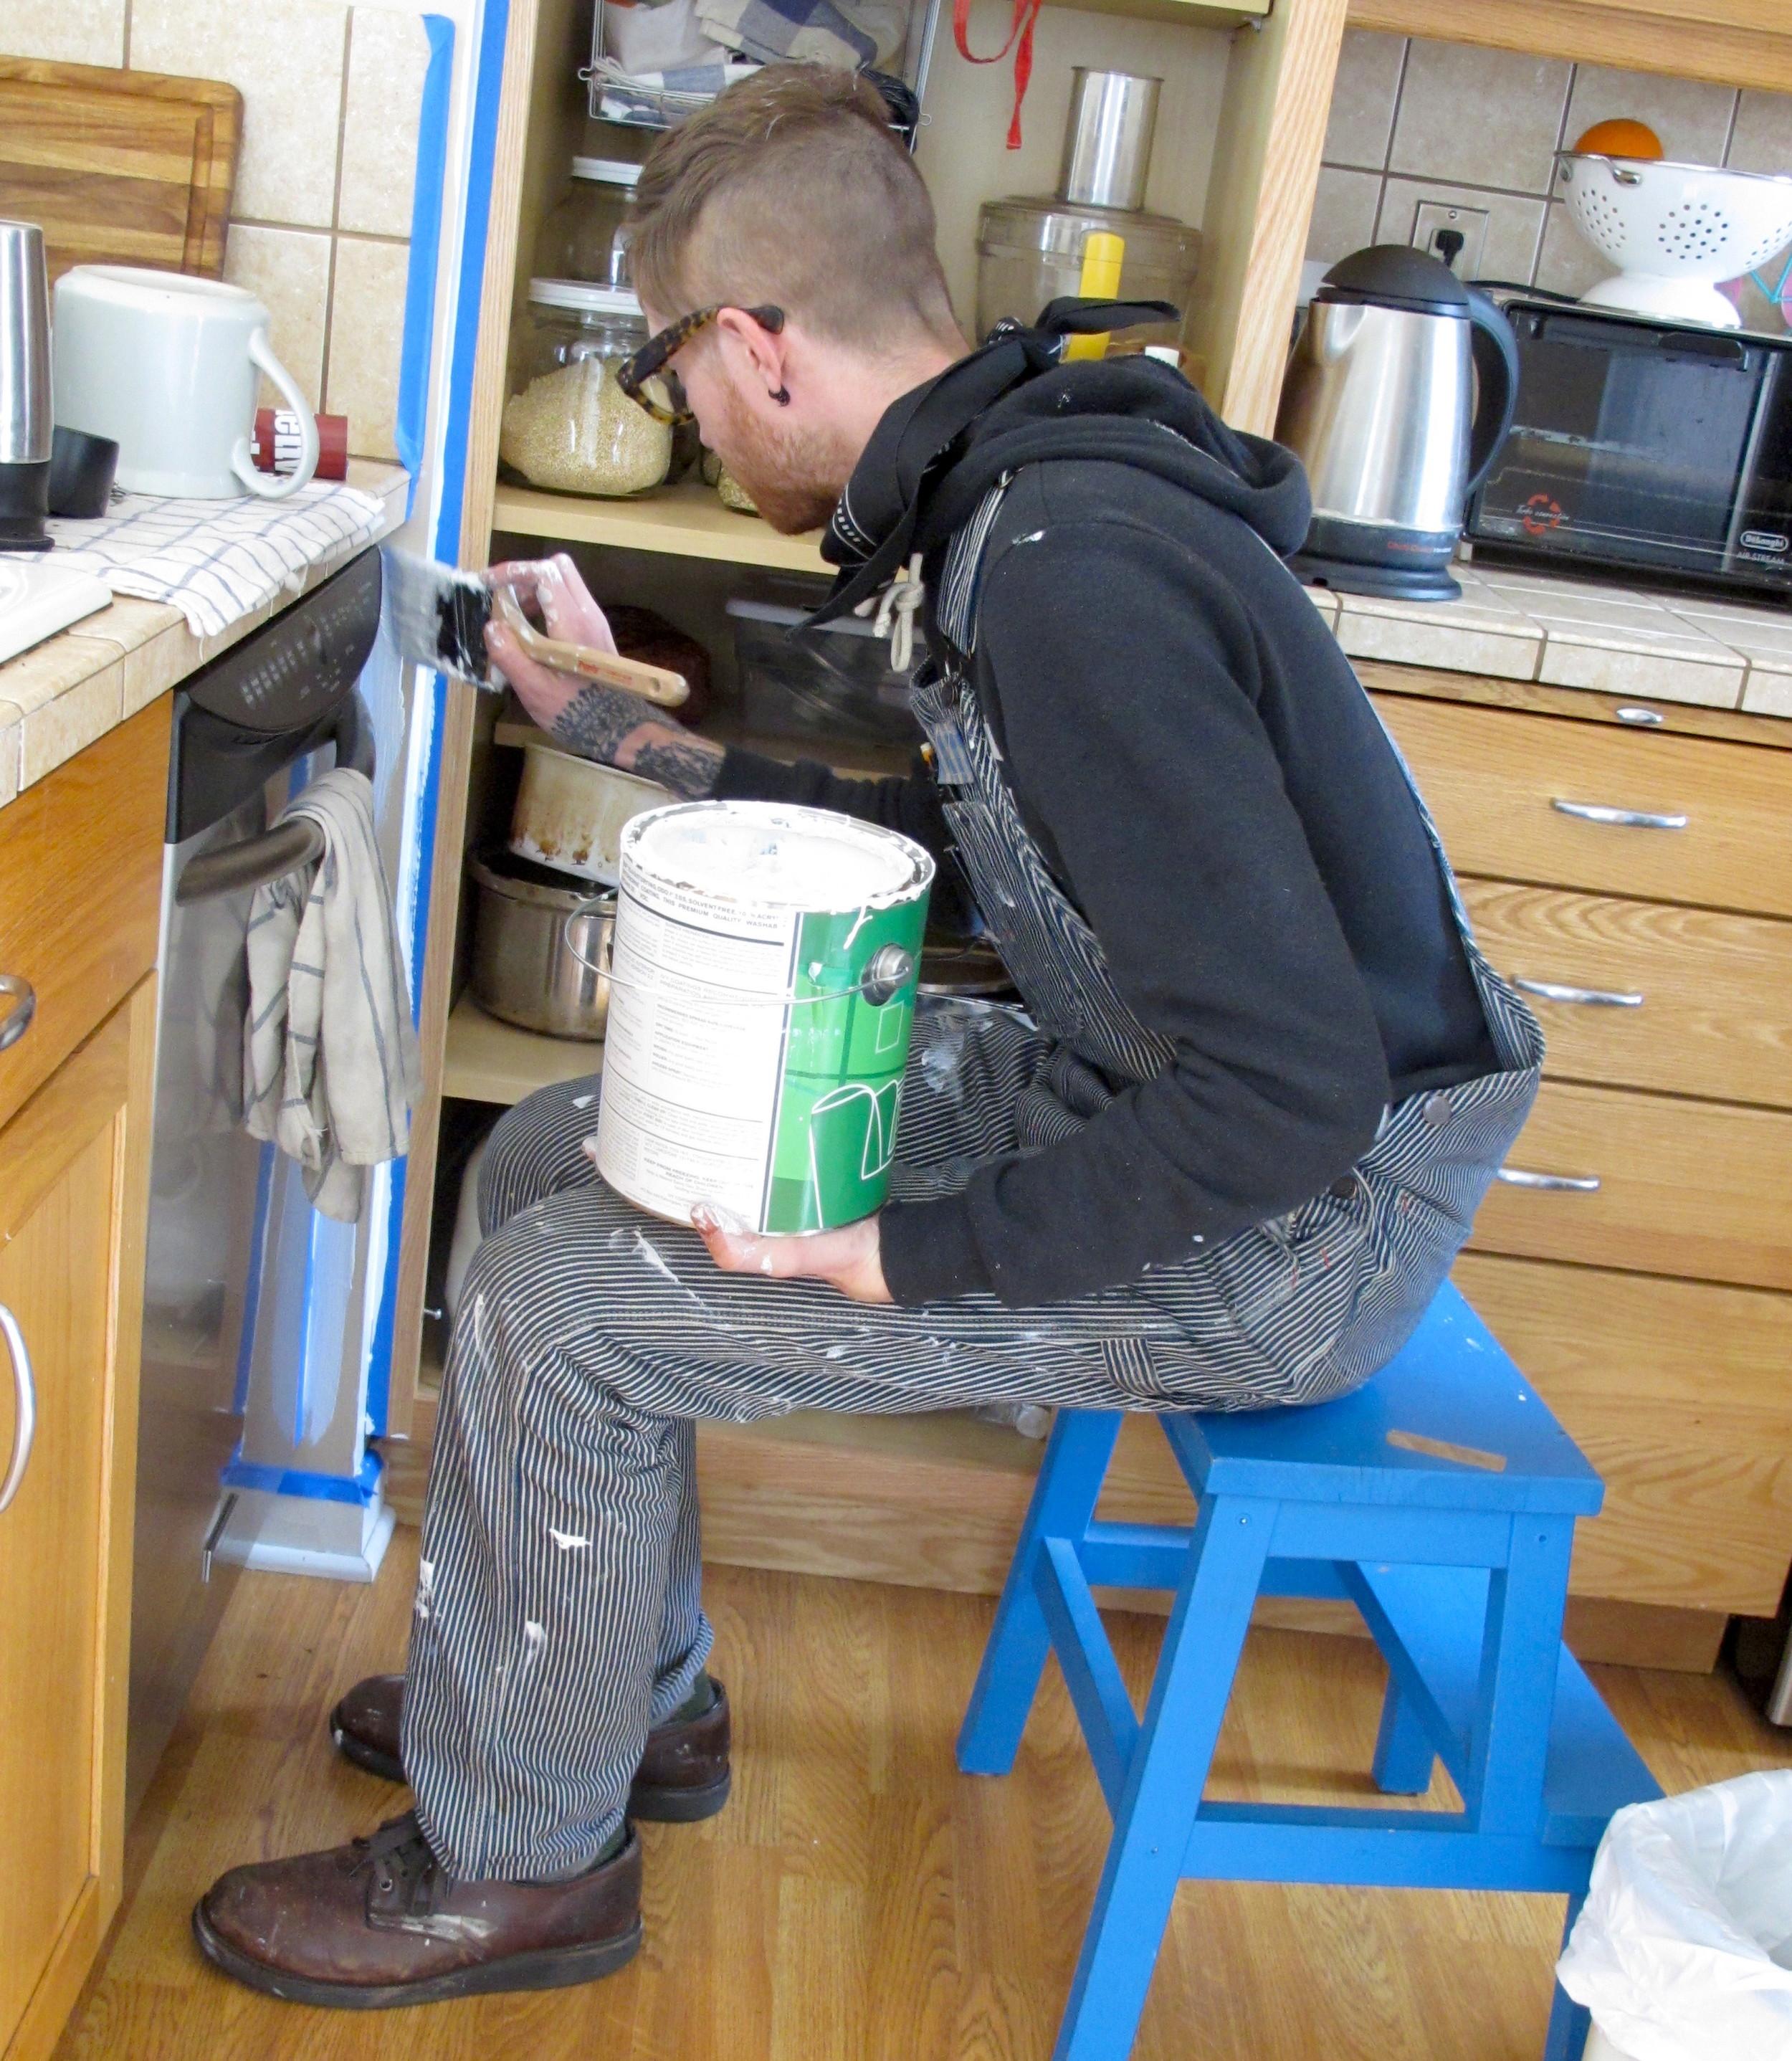 Dustin Painting Kitchen